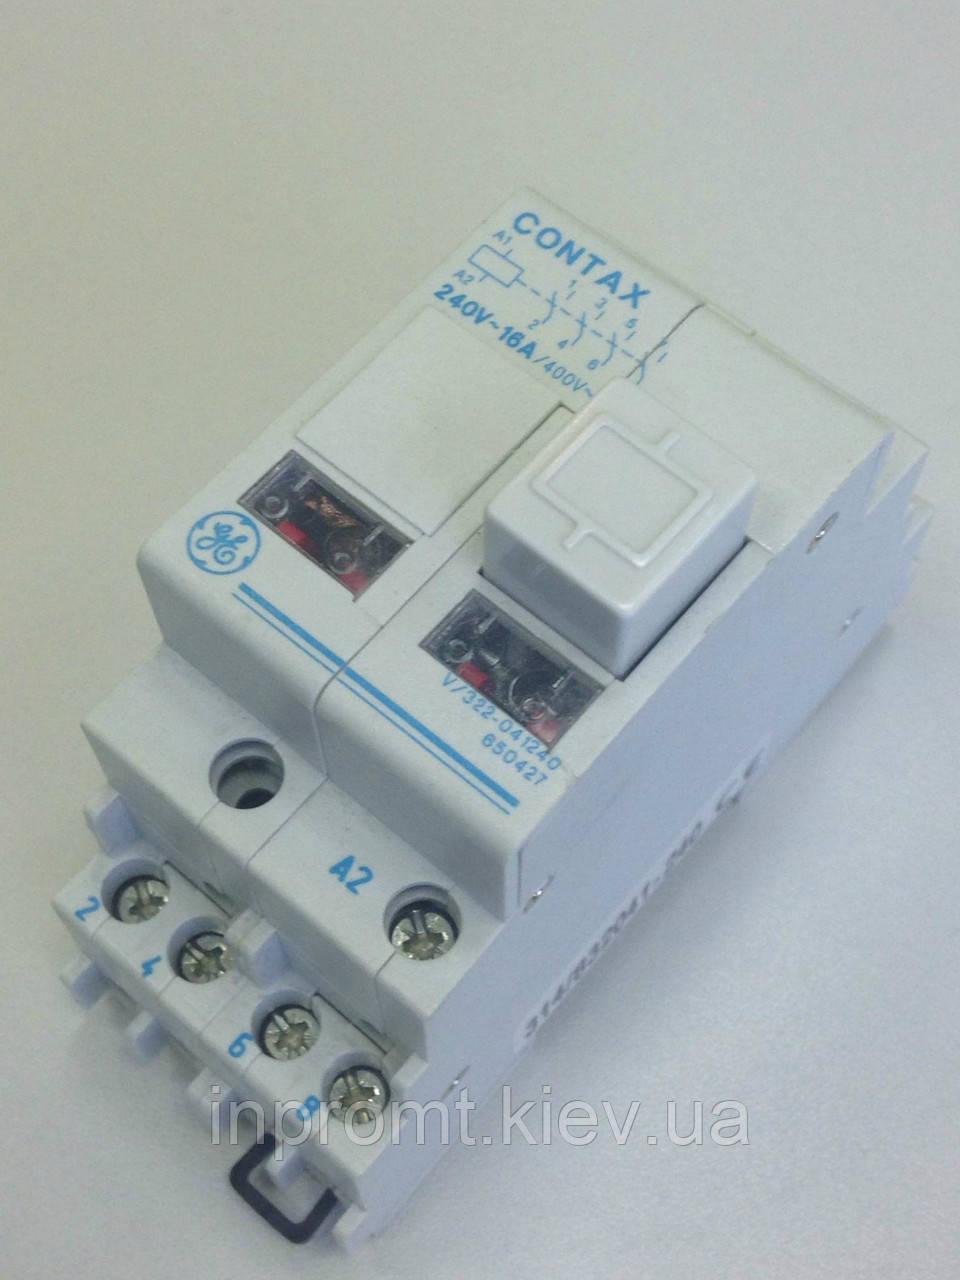 Промежуточное реле CONTAX V/322-041 240